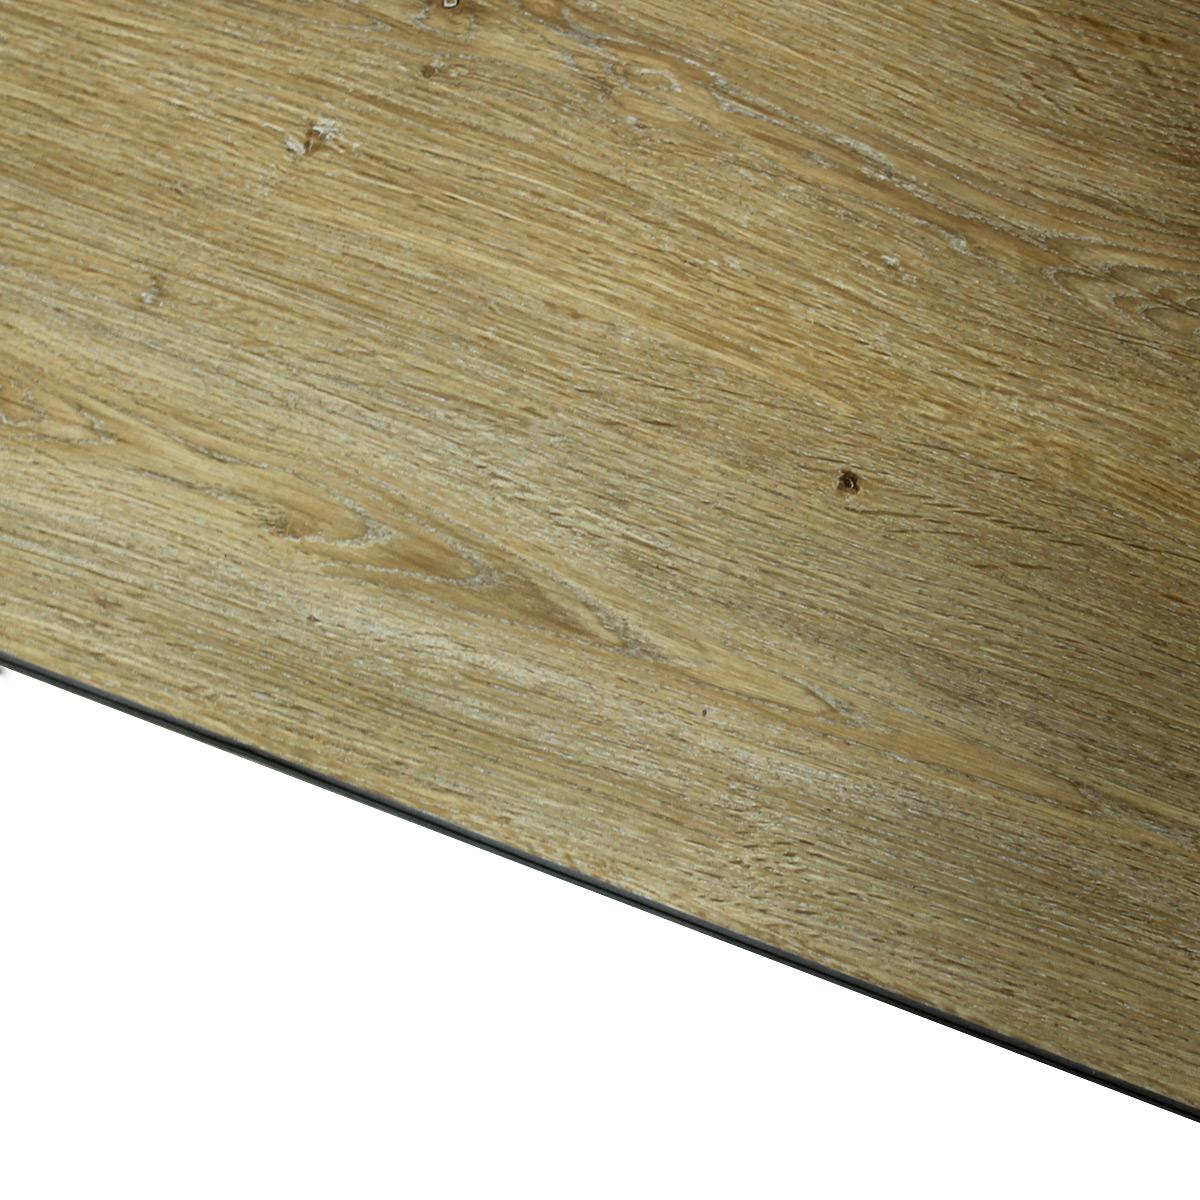 Neu Holz 5m Vinyl Laminatlen Planken Eiche Wenge